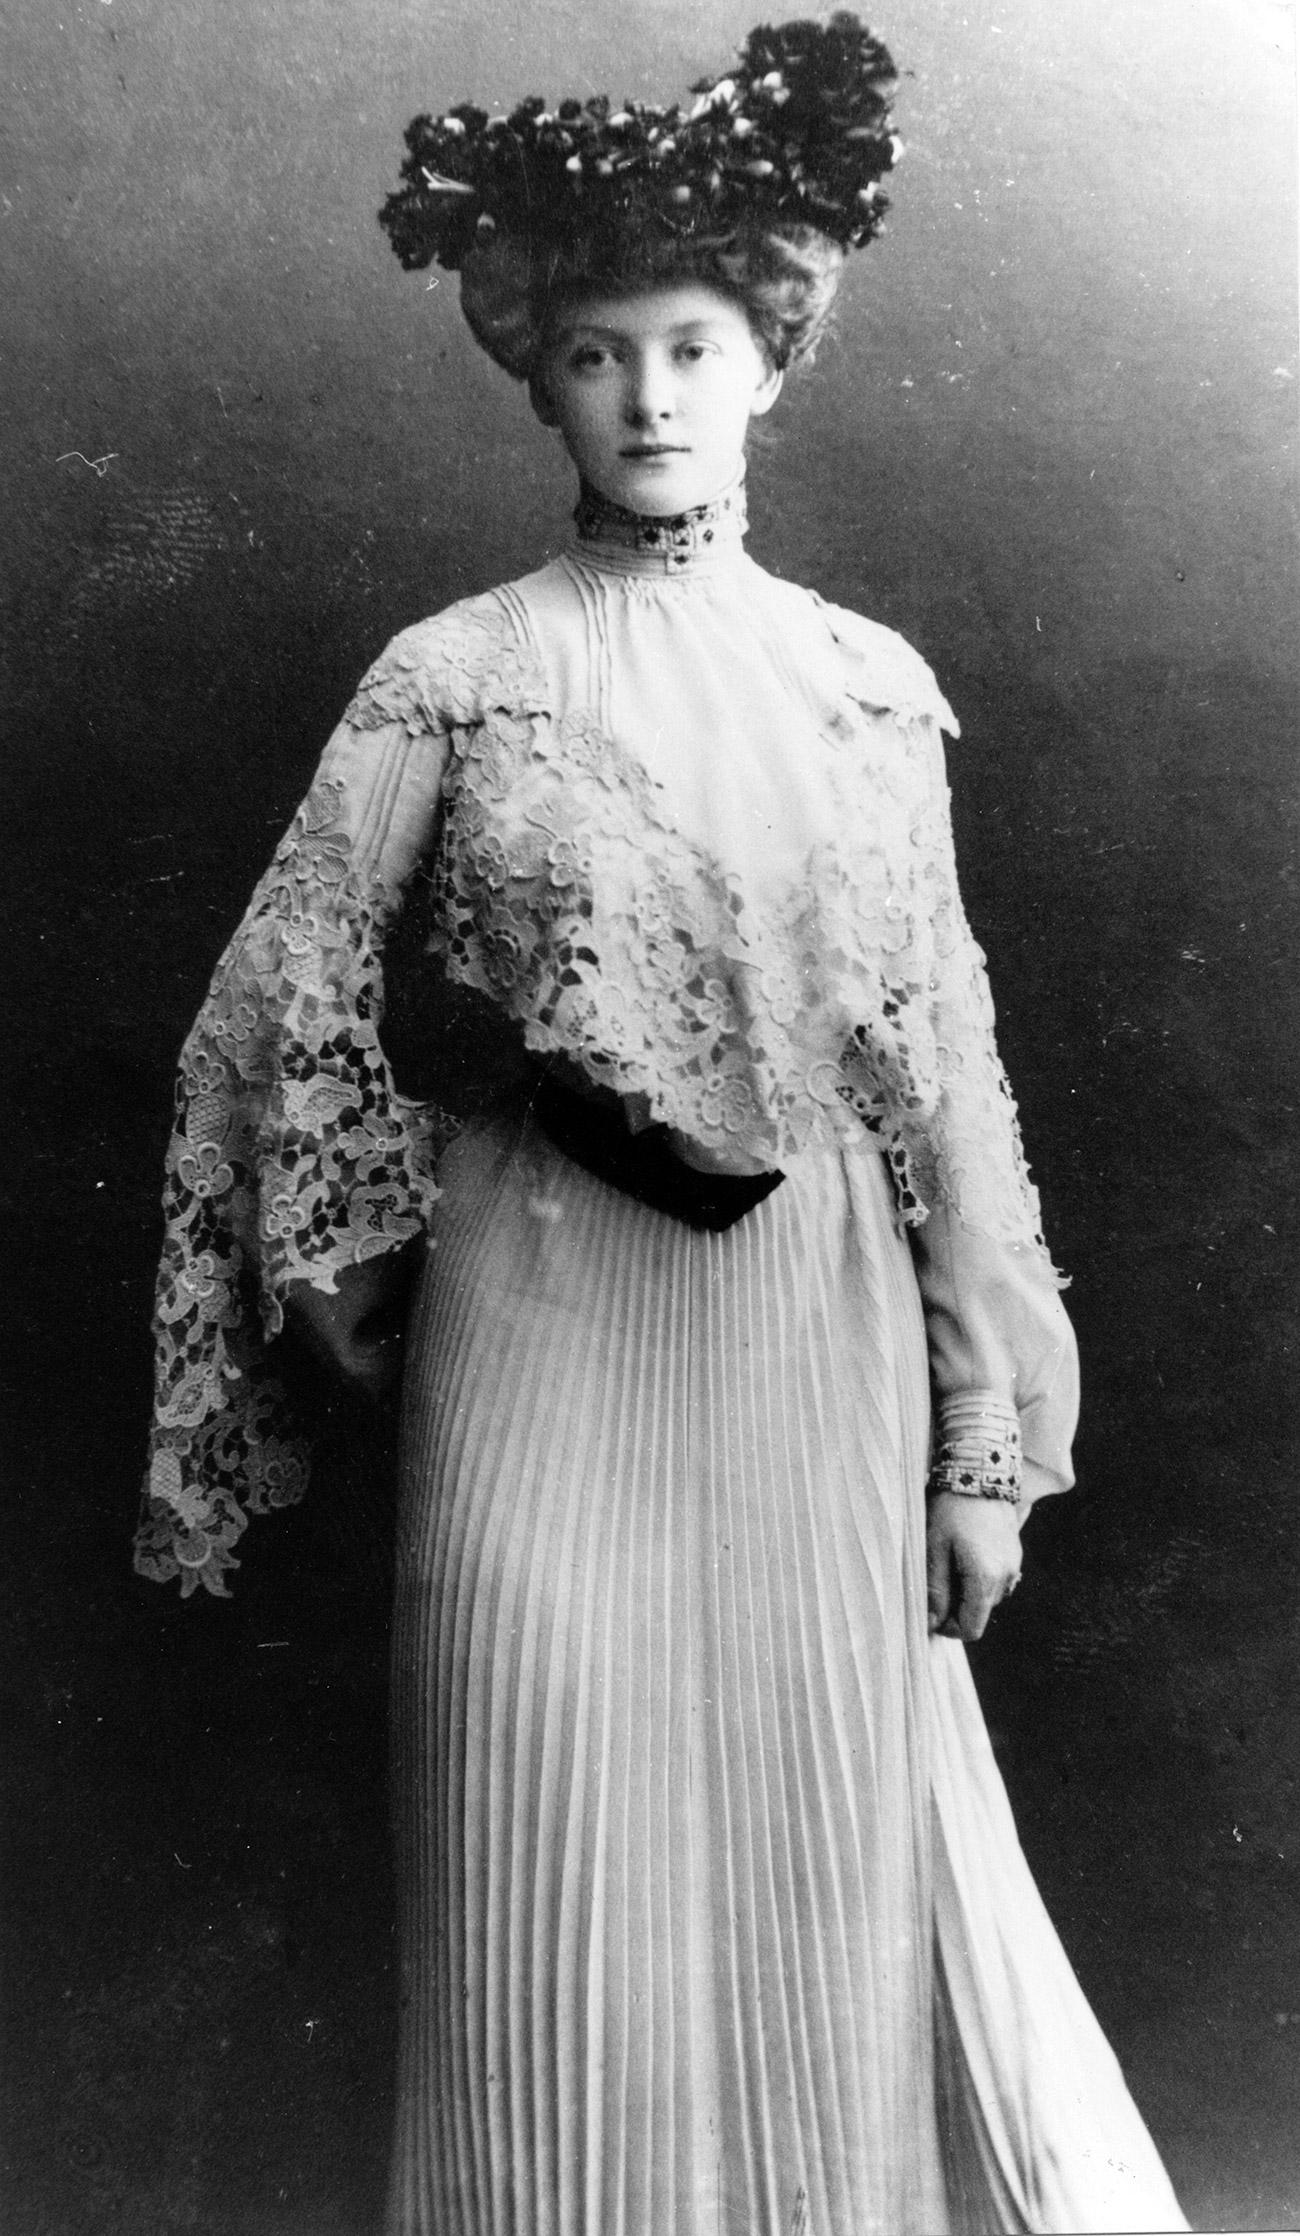 Ritratto di giovane donna russa, seconda metà XIX secolo. Fonte: Getty Images